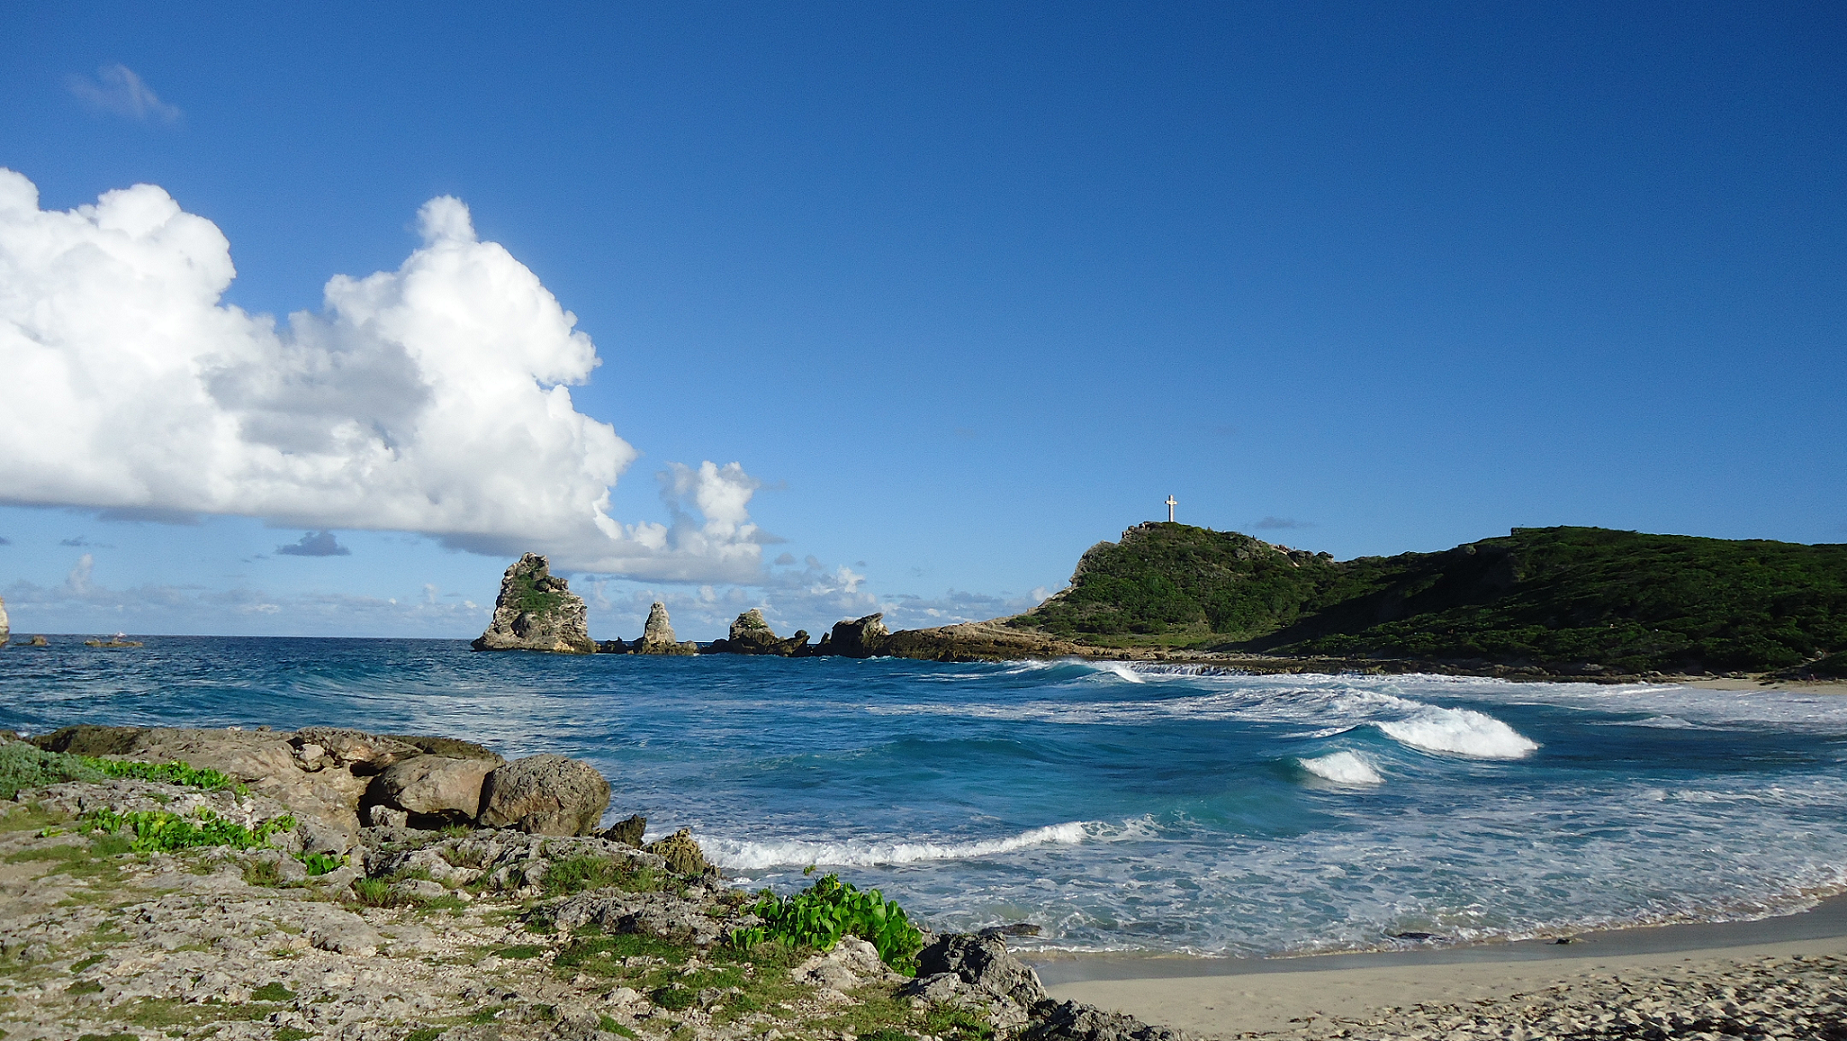 En plus d'être une destination paradisiaque, la Guadeloupe s'affirme comme une destination montante pour le eSport © Unknown / CC0